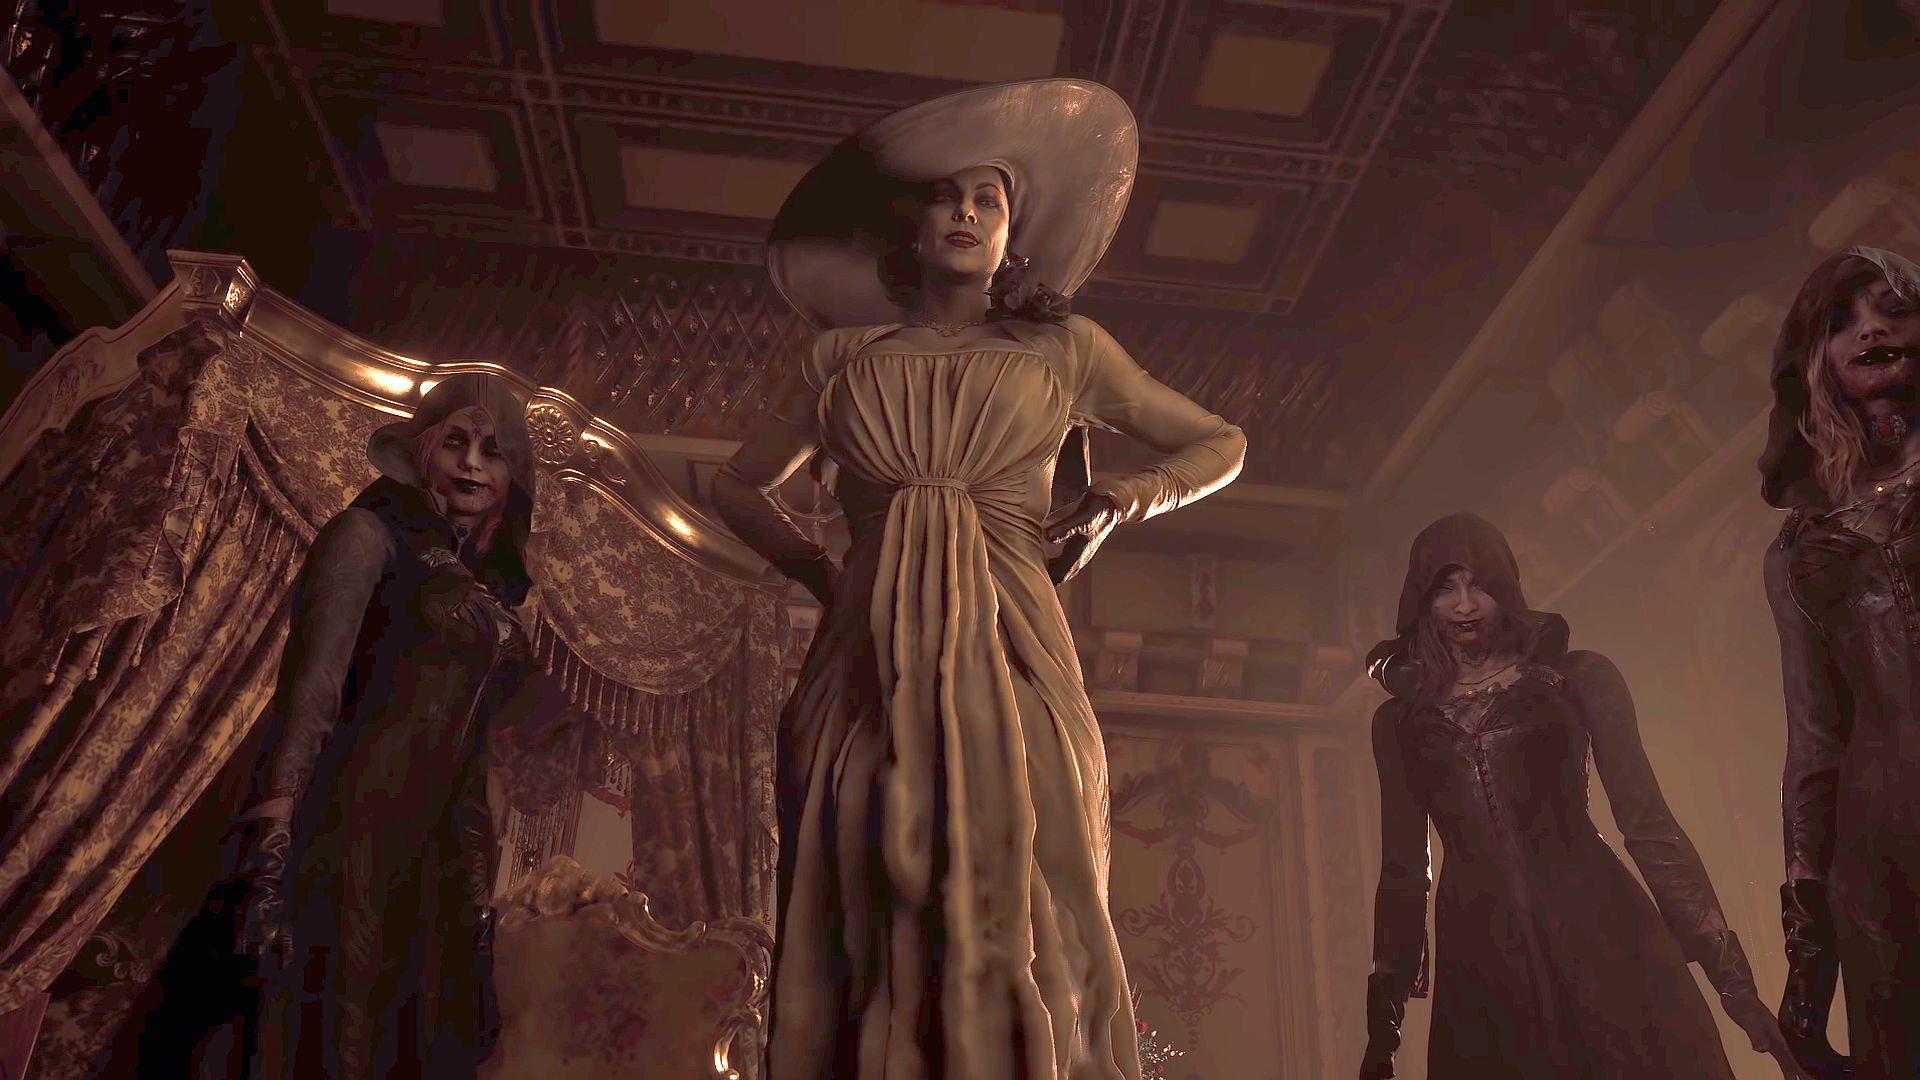 Lady DImitrescu e suas filhas em um quarto de castelo em Resident Evil Village